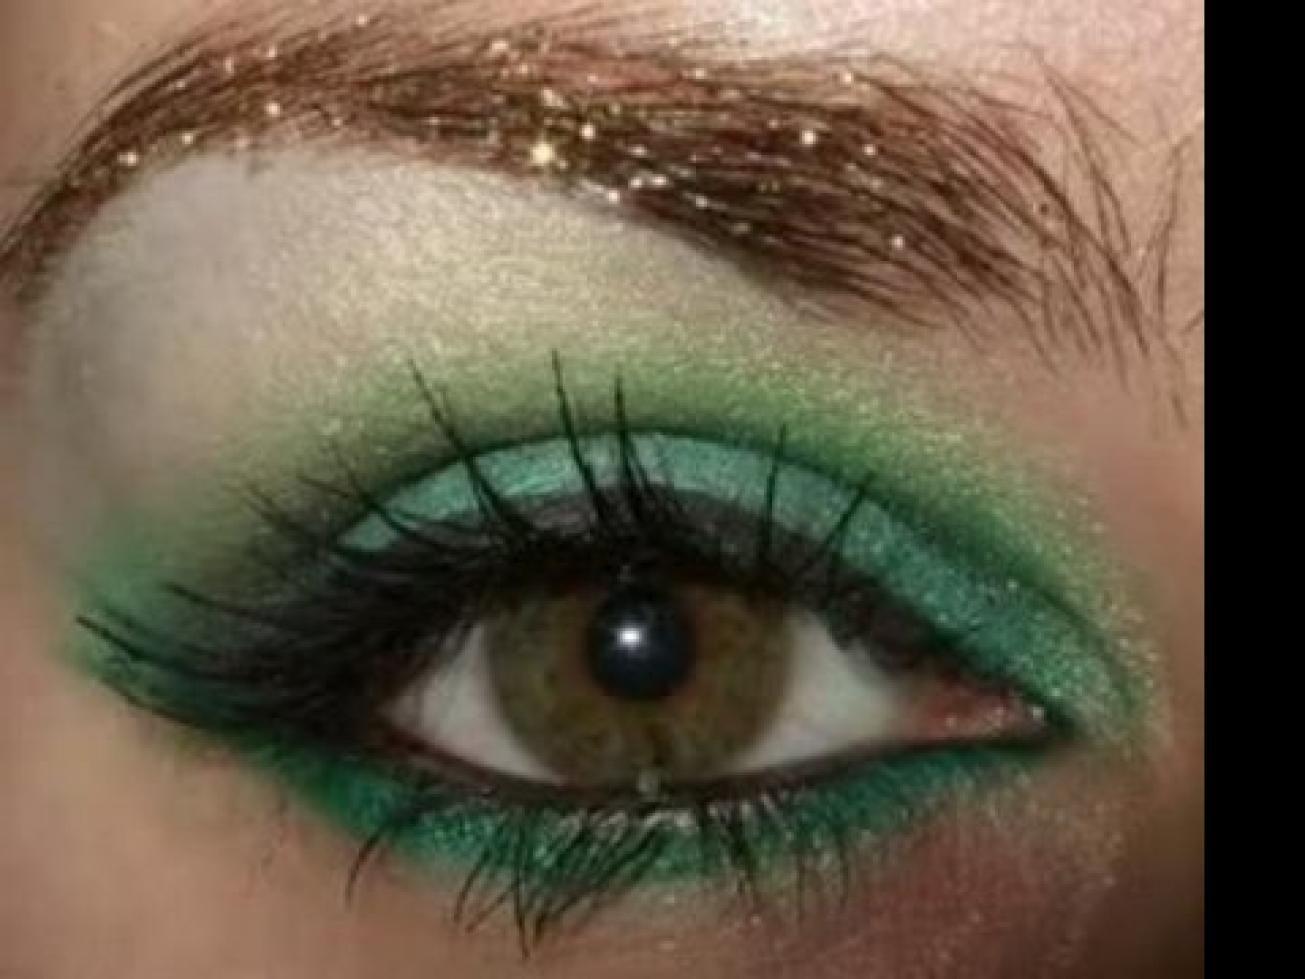 Dance makeup nymph - Google Search #dancemakeup Dance makeup nymph - Google Search #dancemakeup